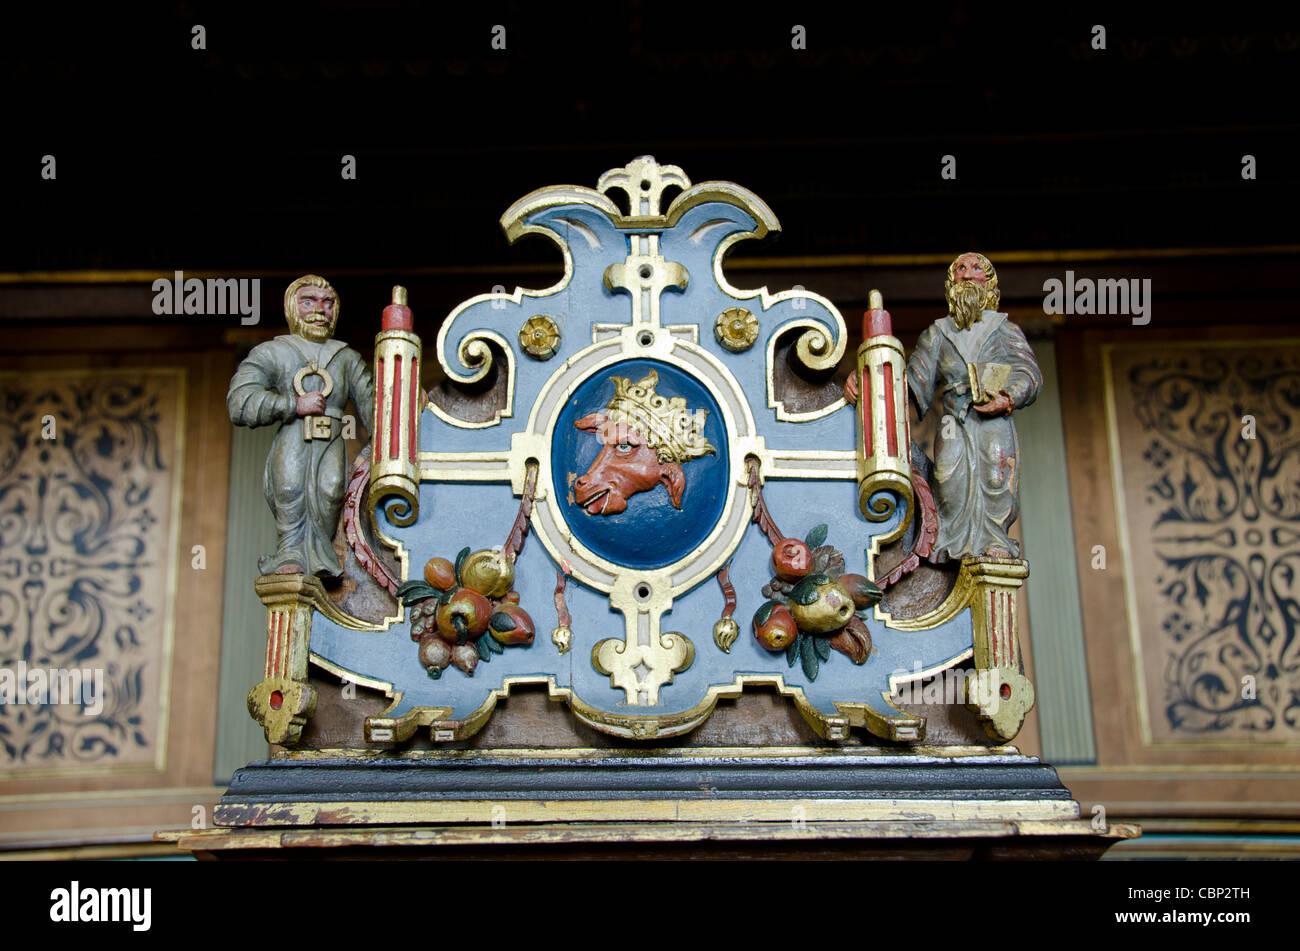 Denmark, Helsingoer. Kronborg Castle (aka Kronborg Slot). Ornate carved wooden church pew. - Stock Image